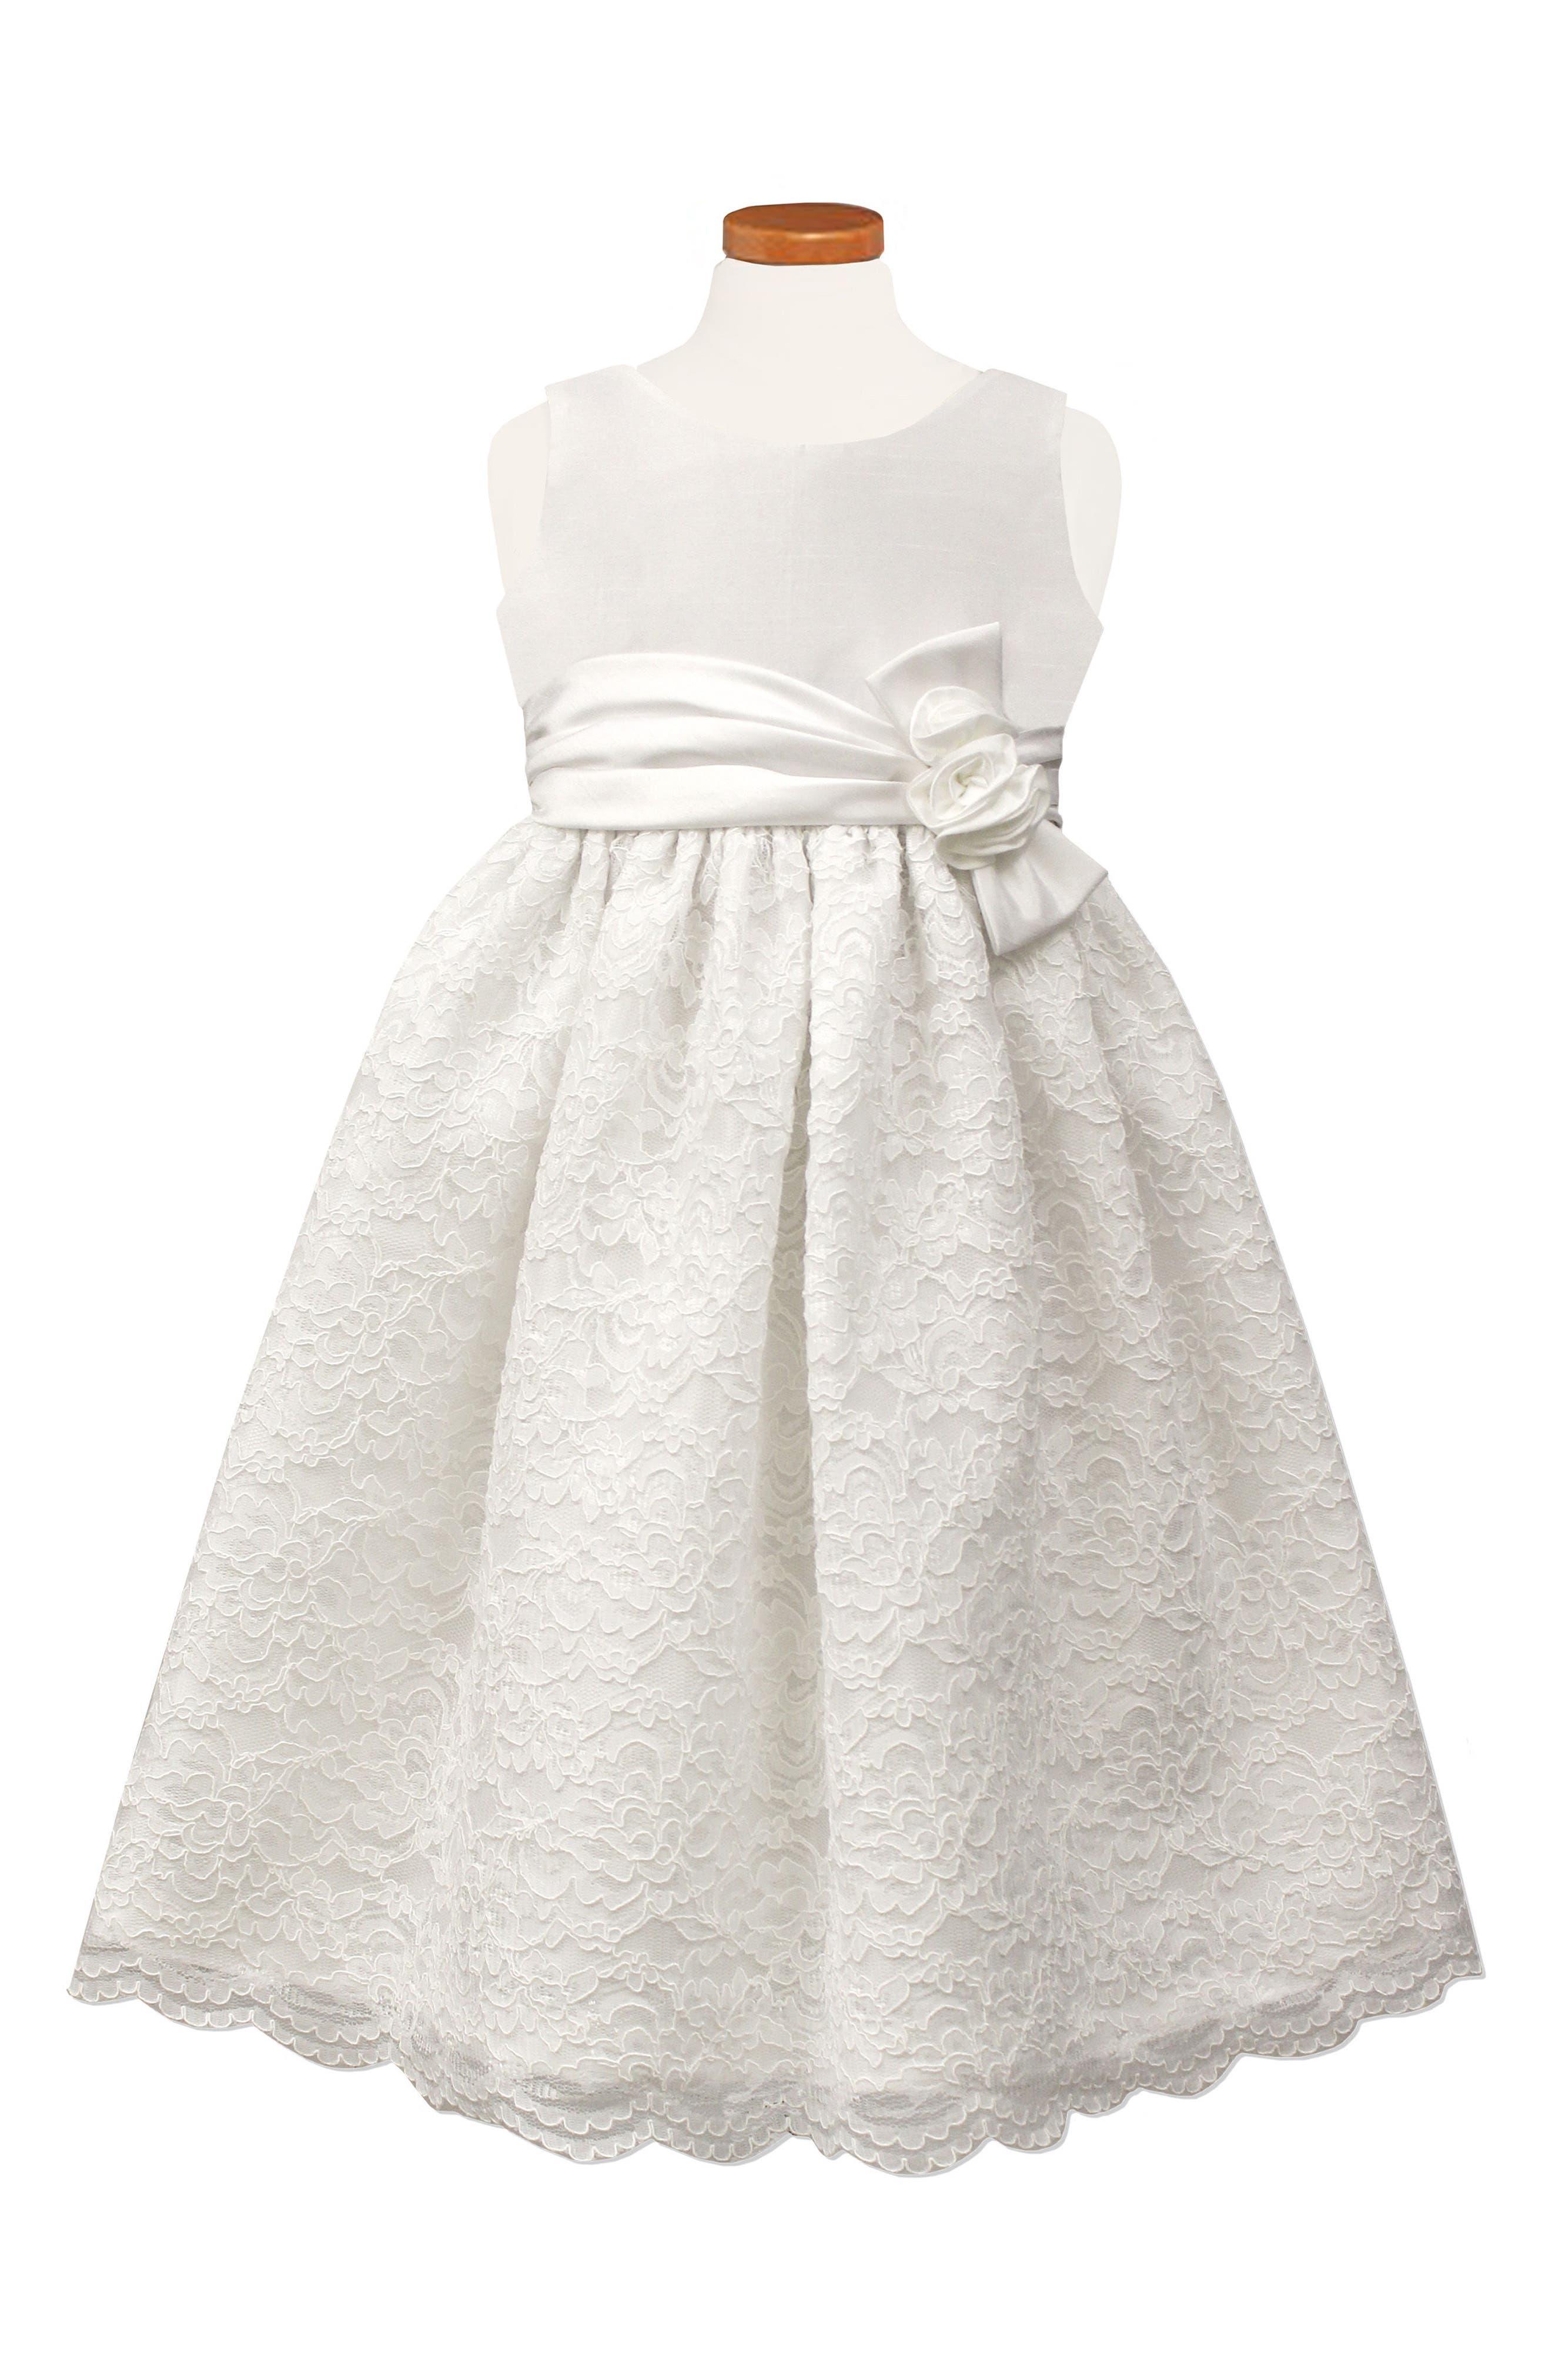 Satin & Lace Party Dress,                         Main,                         color, 100